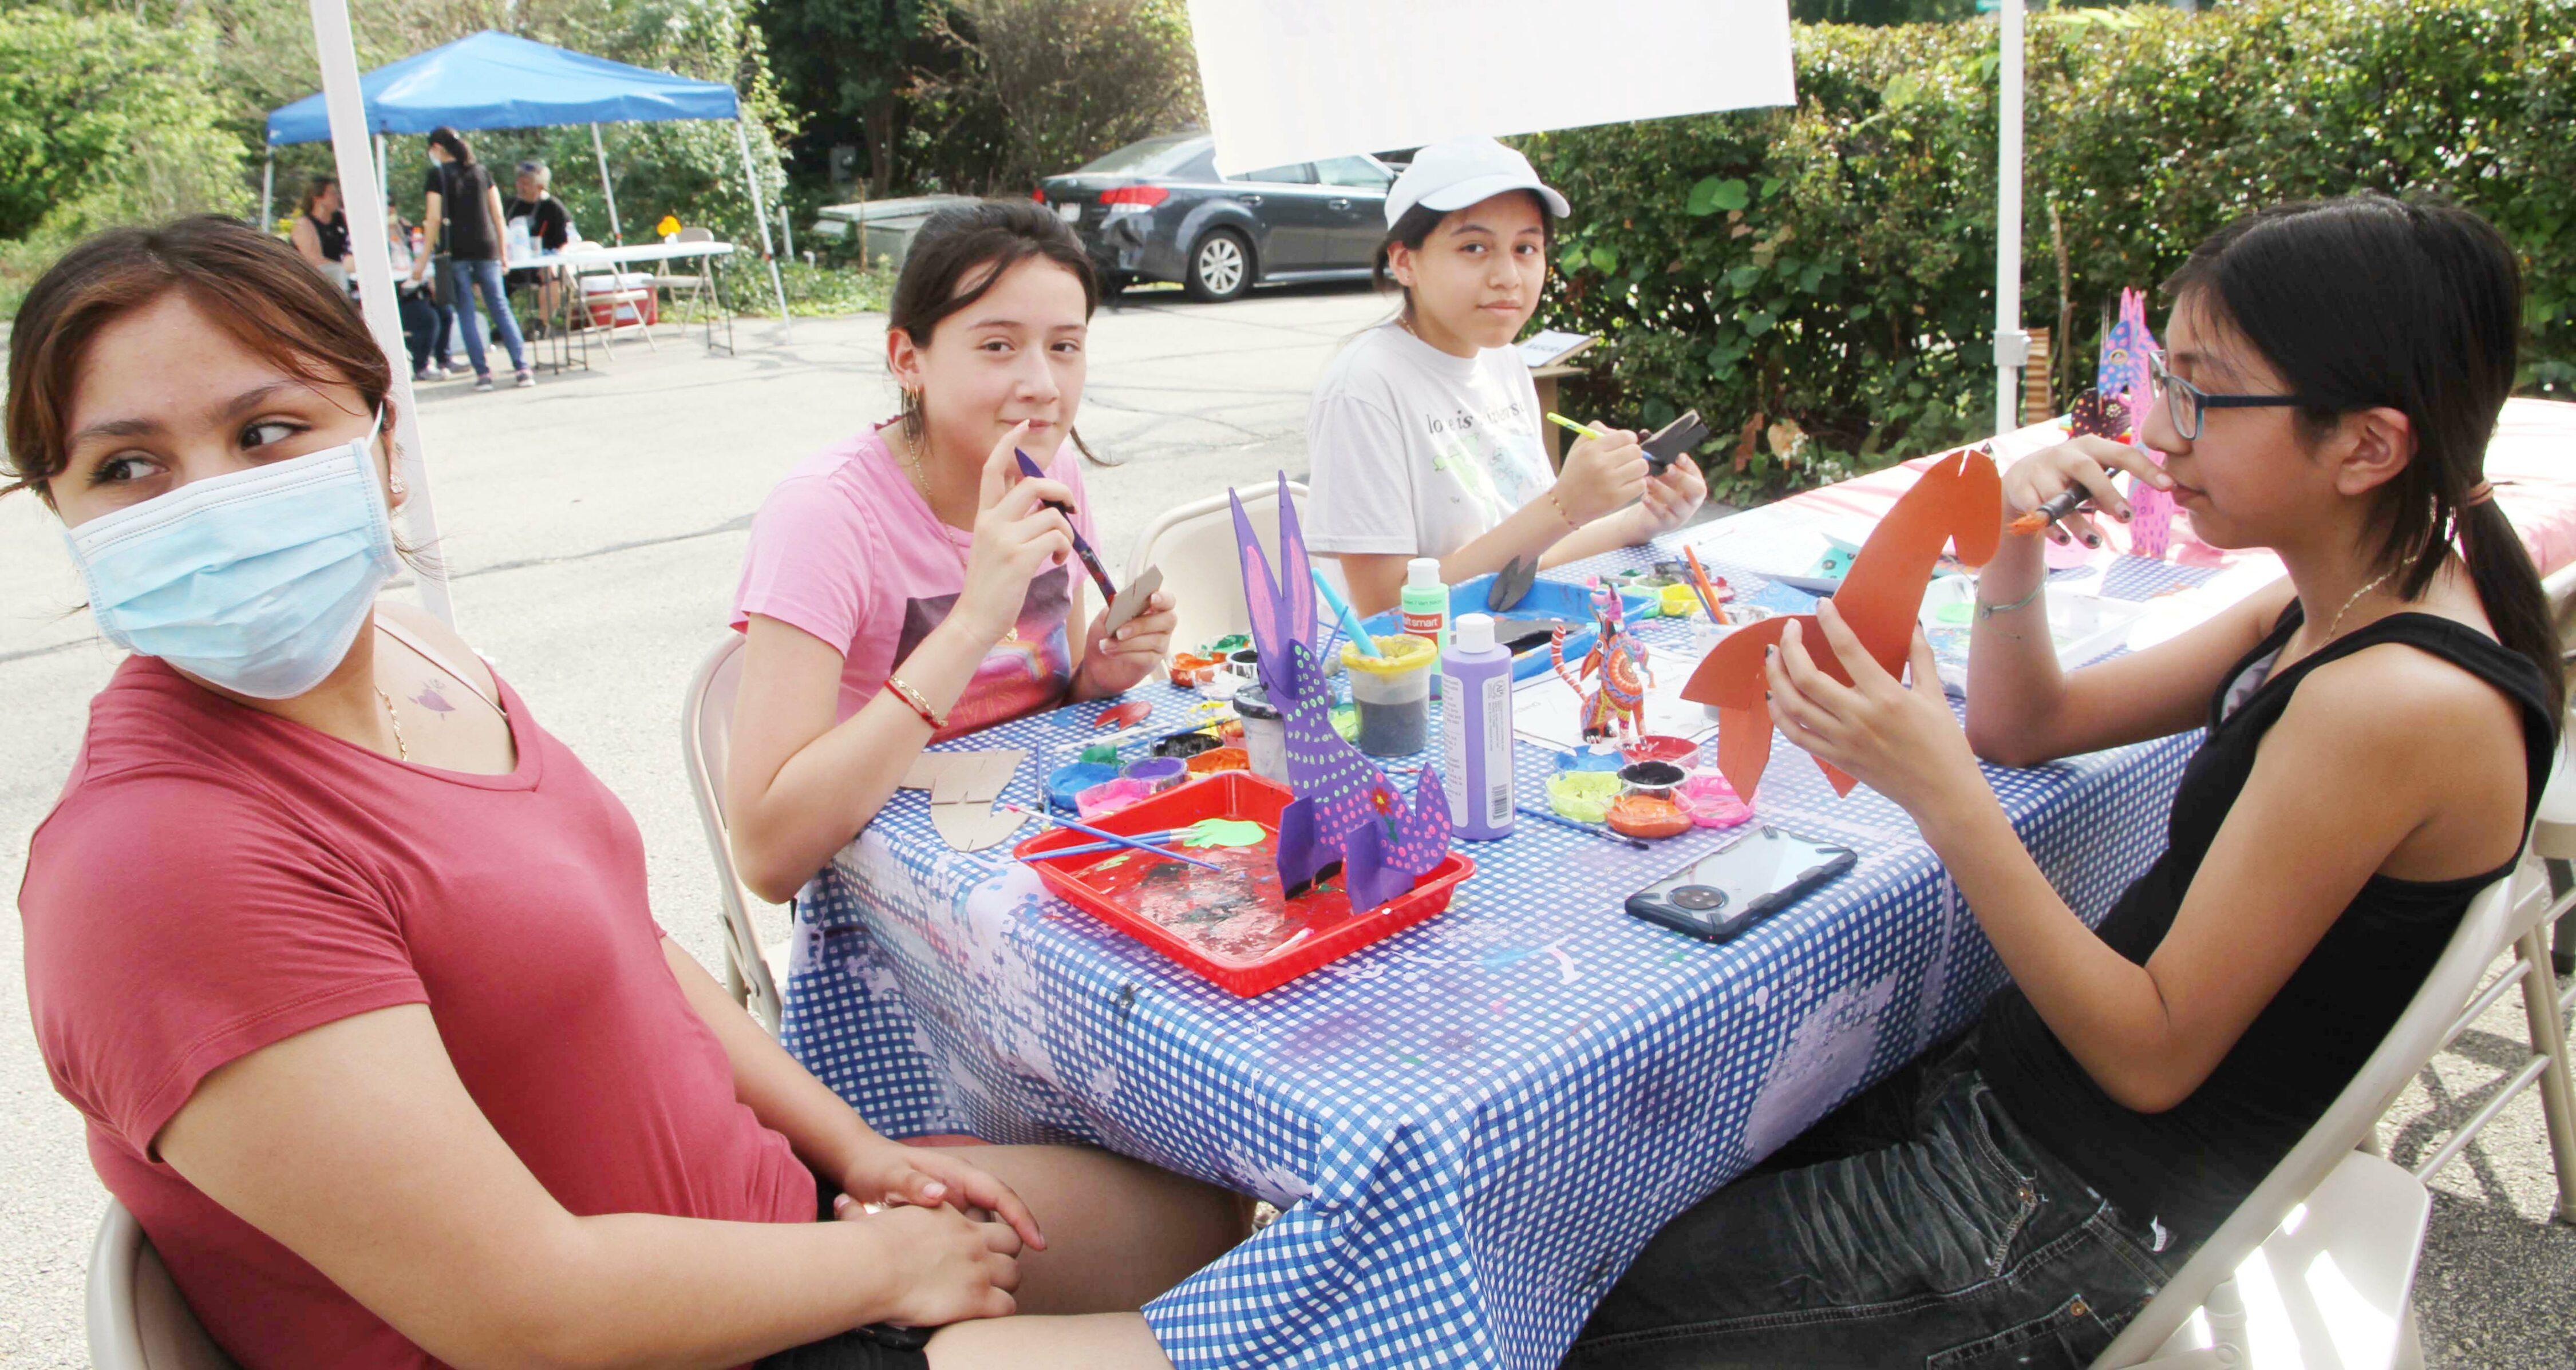 Angélica Contreras facilitando un taller de alebrijes. Foto cortesía de La Comunidad News.